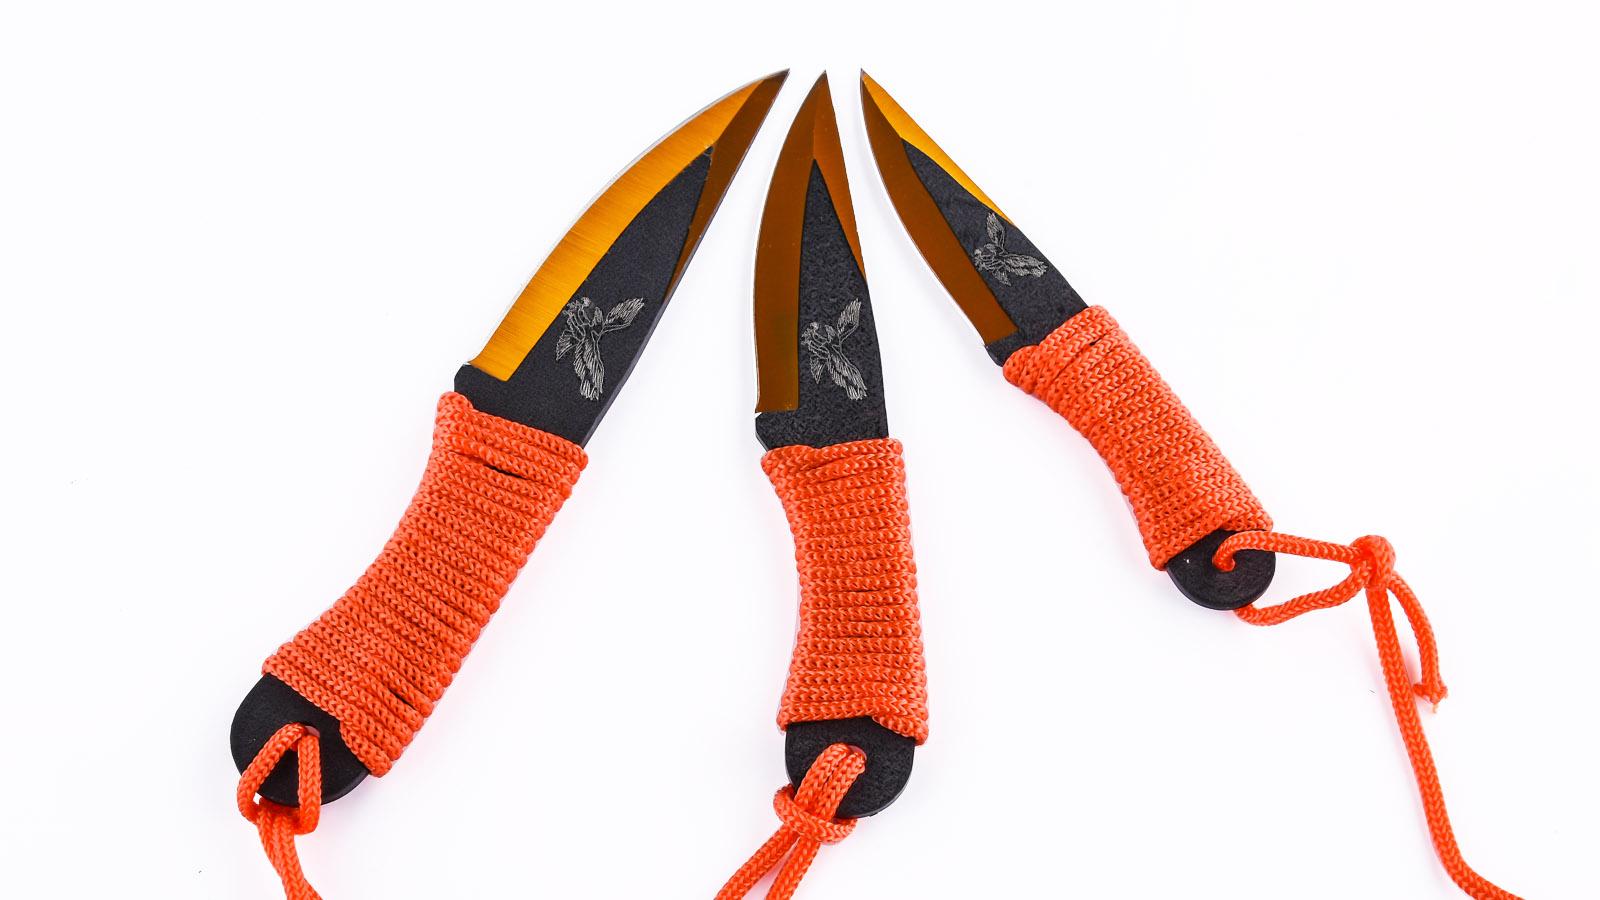 Метательные ножи для спорта по выгодной цене